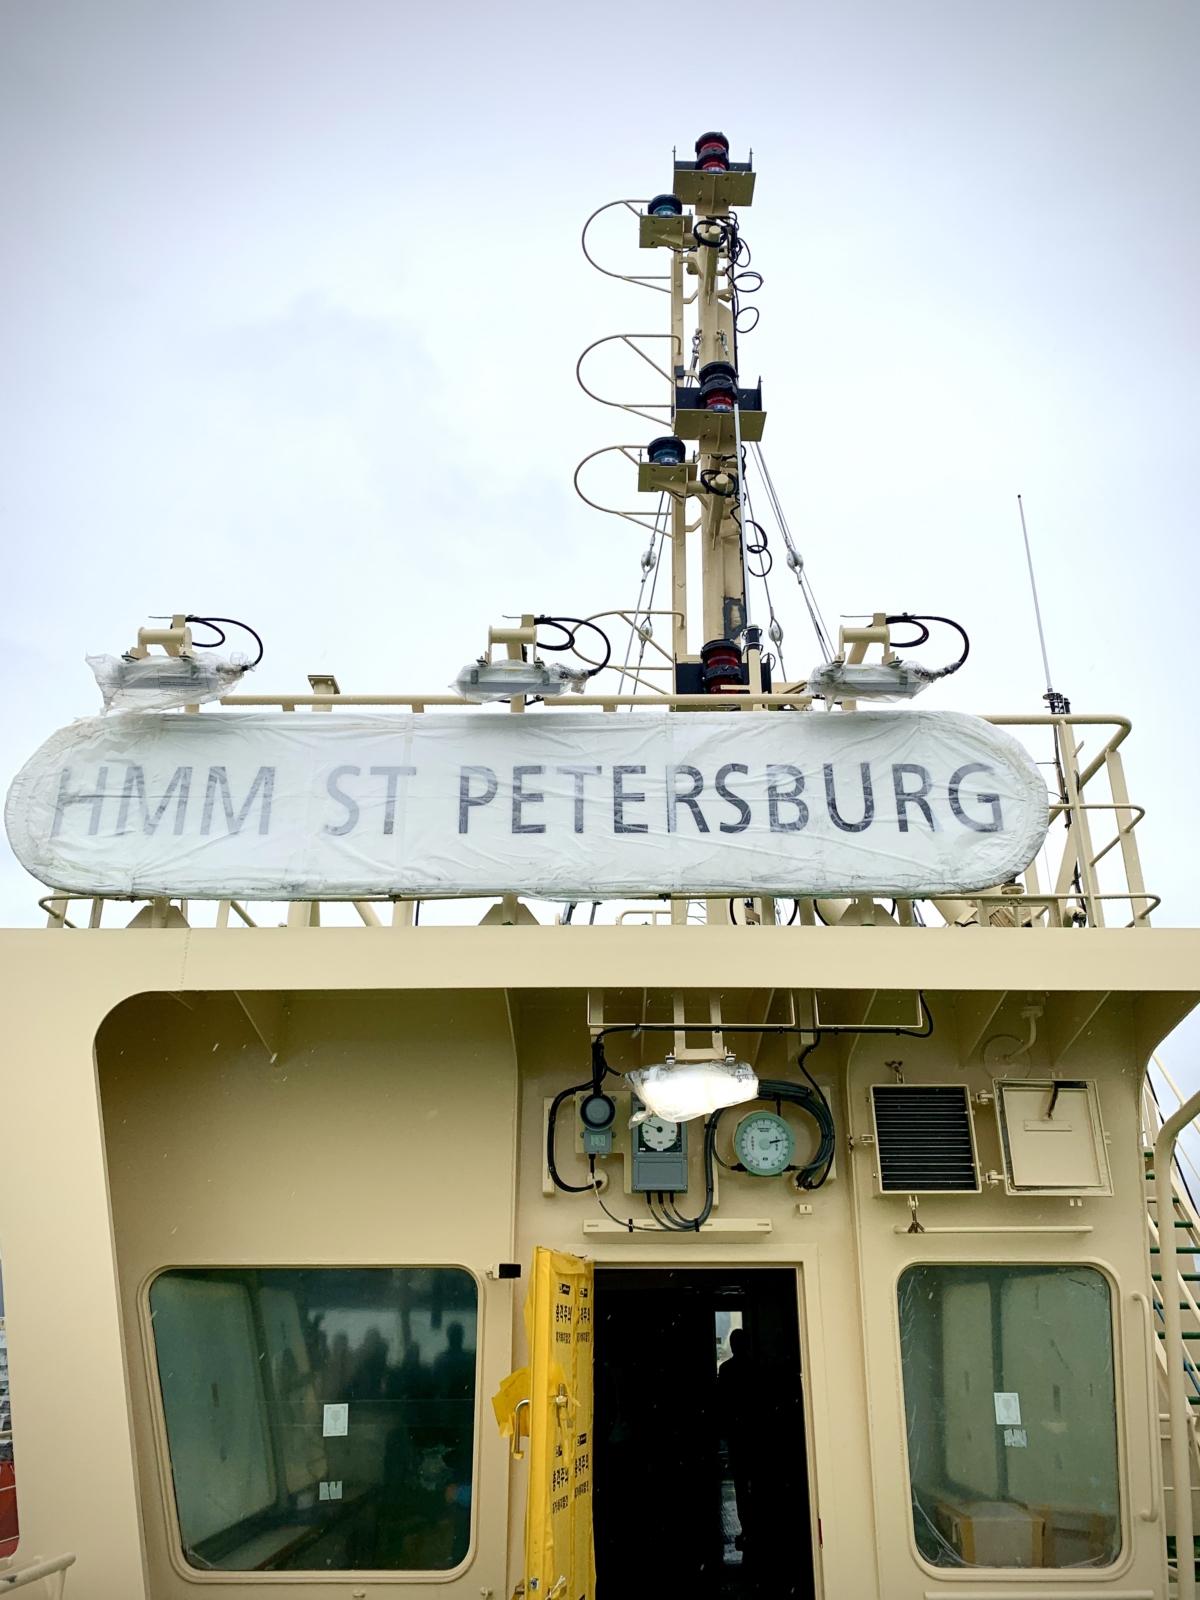 상트페테르부르크 호 거주구 최상단에 설치된 레이더. 최하단 플로어에서부터 최상단 레이더까지 높이가 76m에 이른다. (사진제공: HMM)